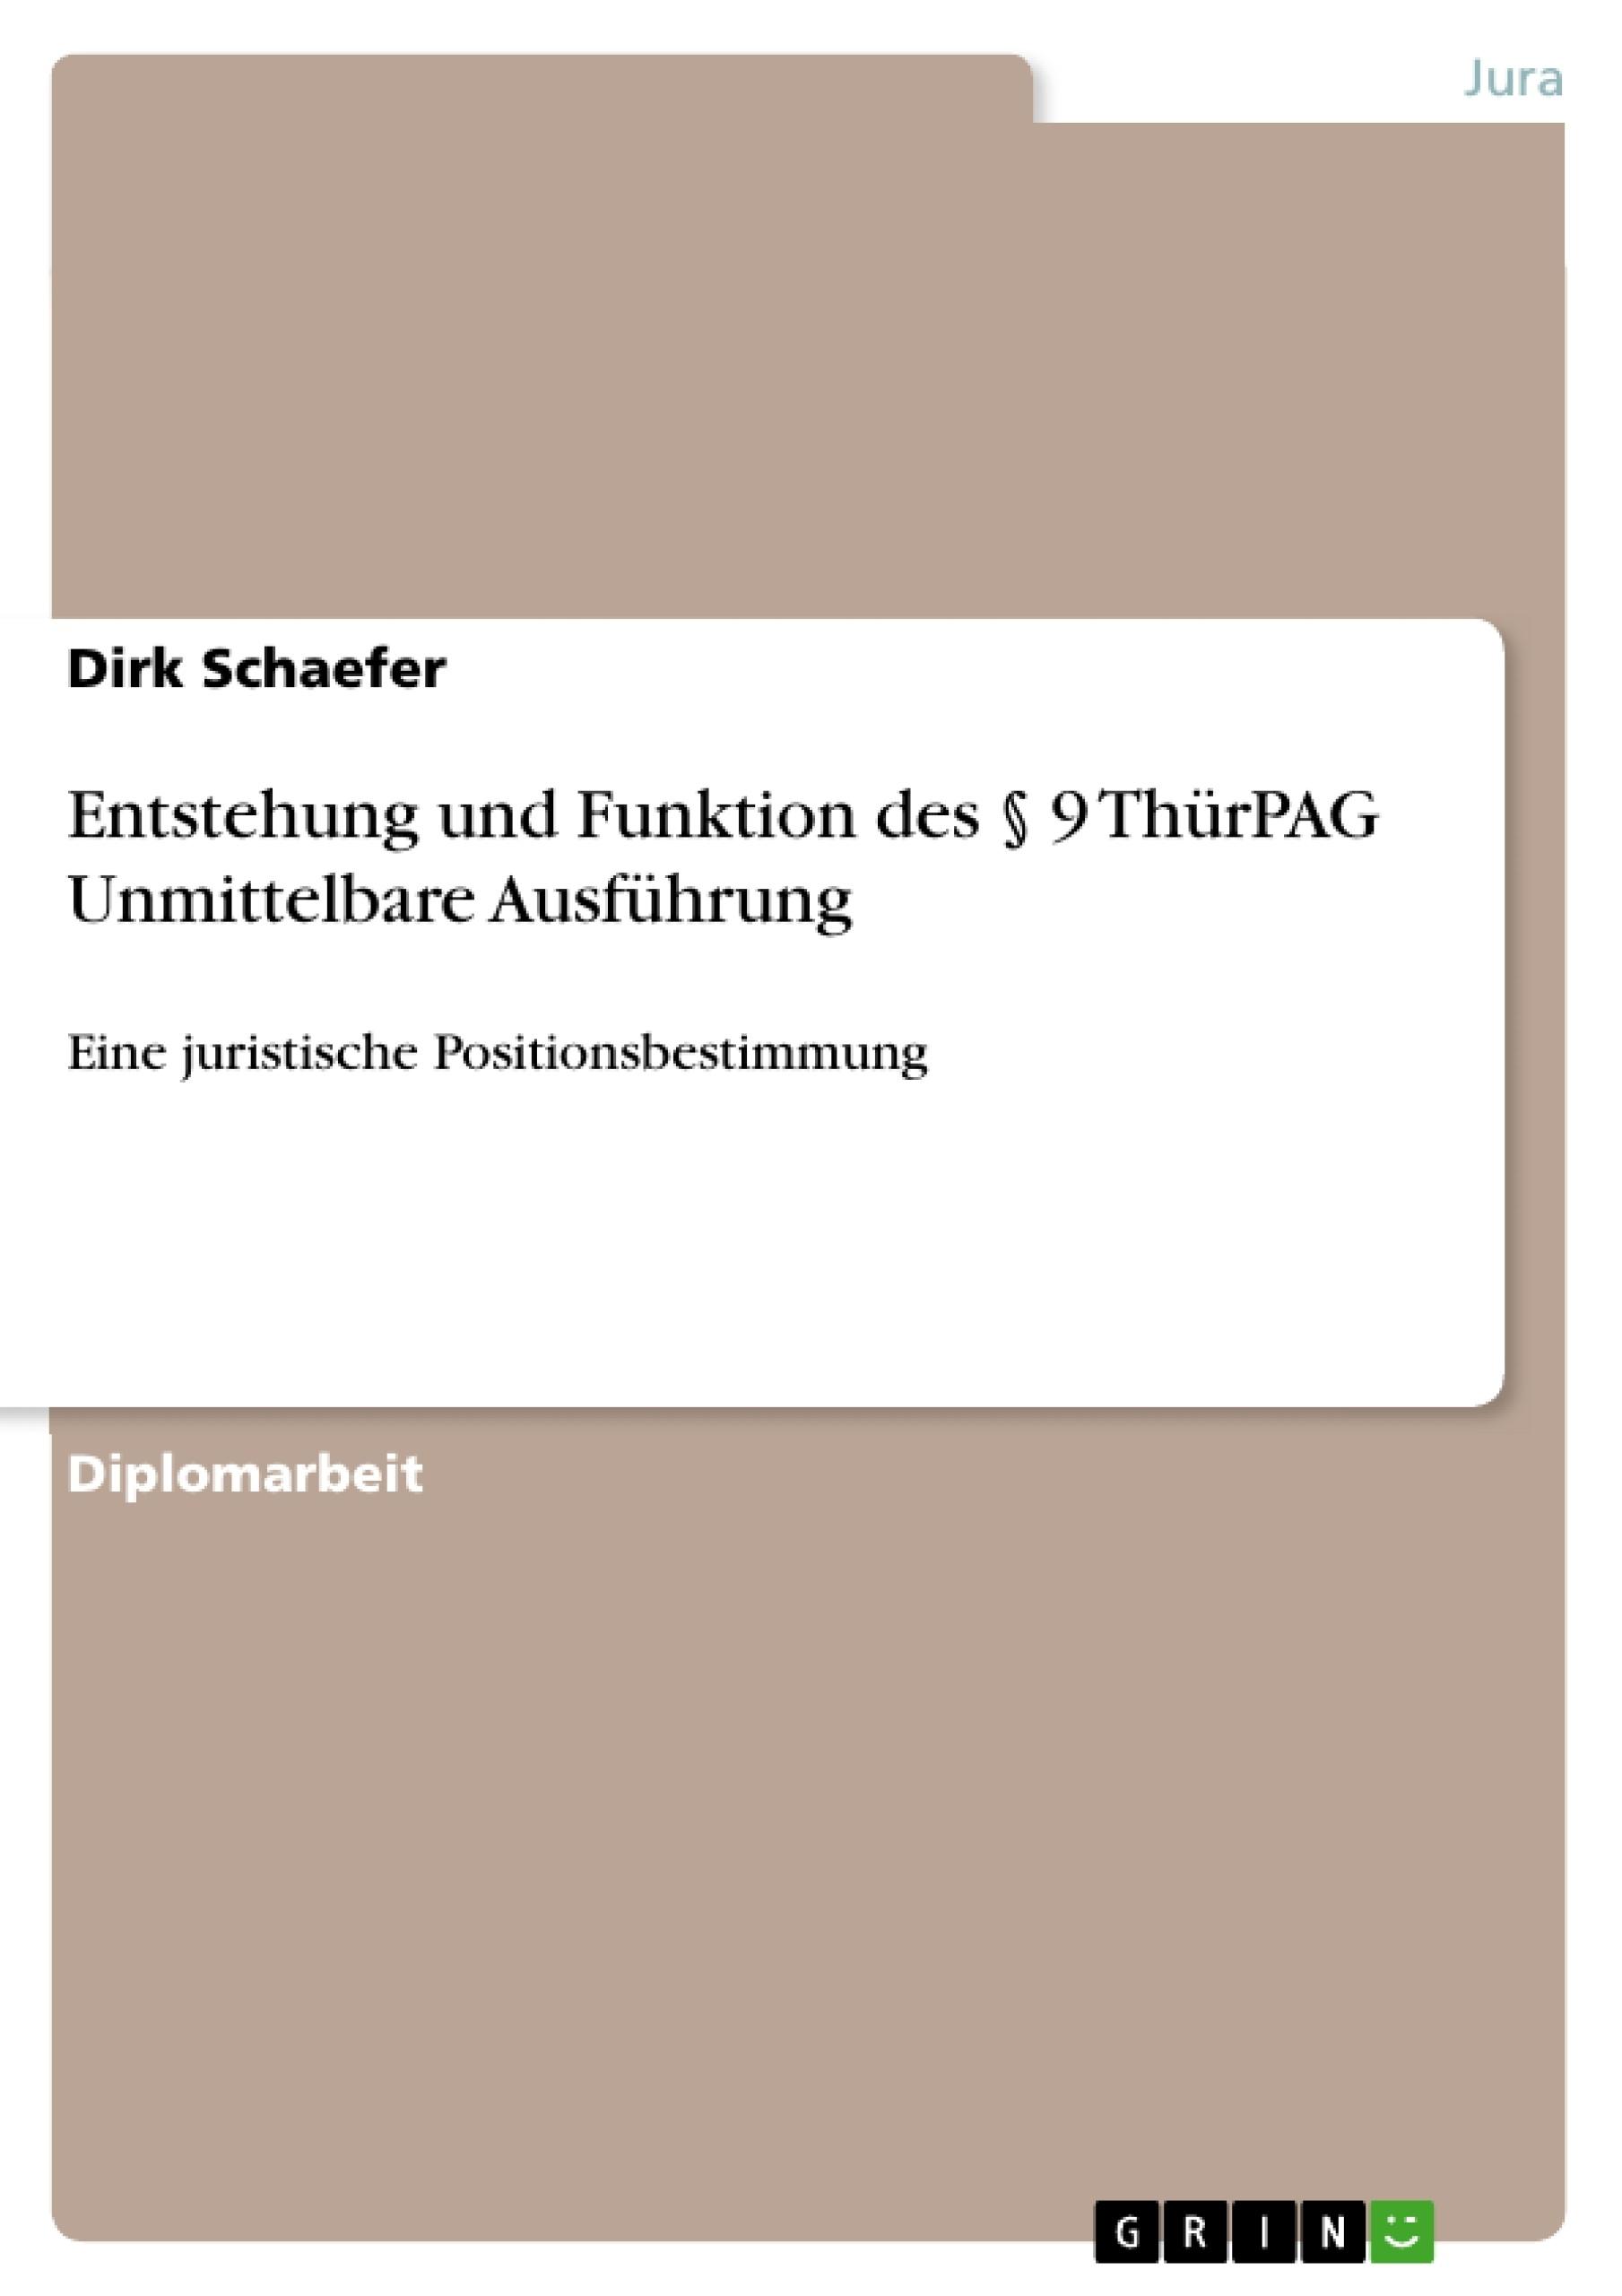 Titel: Entstehung und Funktion des § 9 ThürPAG Unmittelbare Ausführung